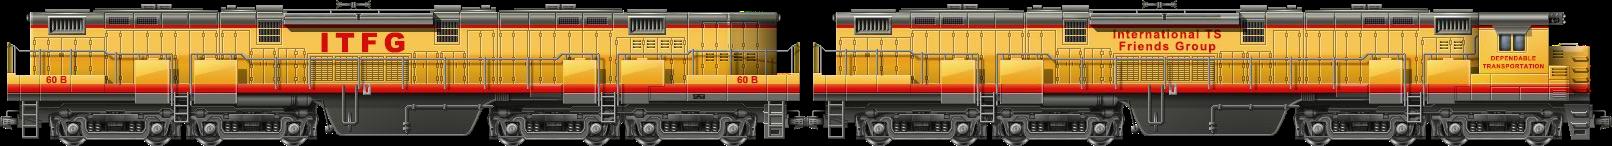 ALCO C-855 A-B